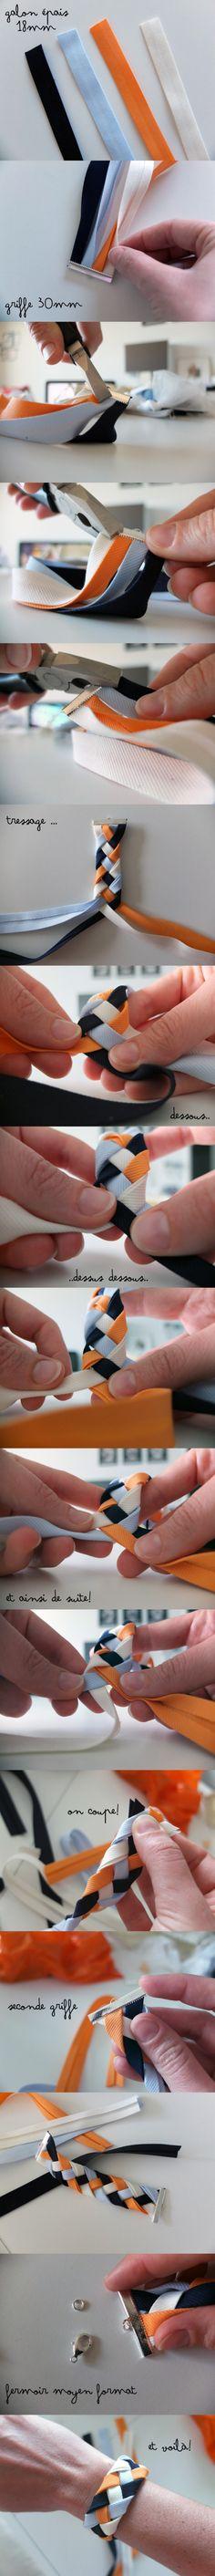 °° Tuto Bracelet Tressé °° [Inspiration Mondial Tissus] Magnifique bracelet fait de galons tressés à faire soi-même.